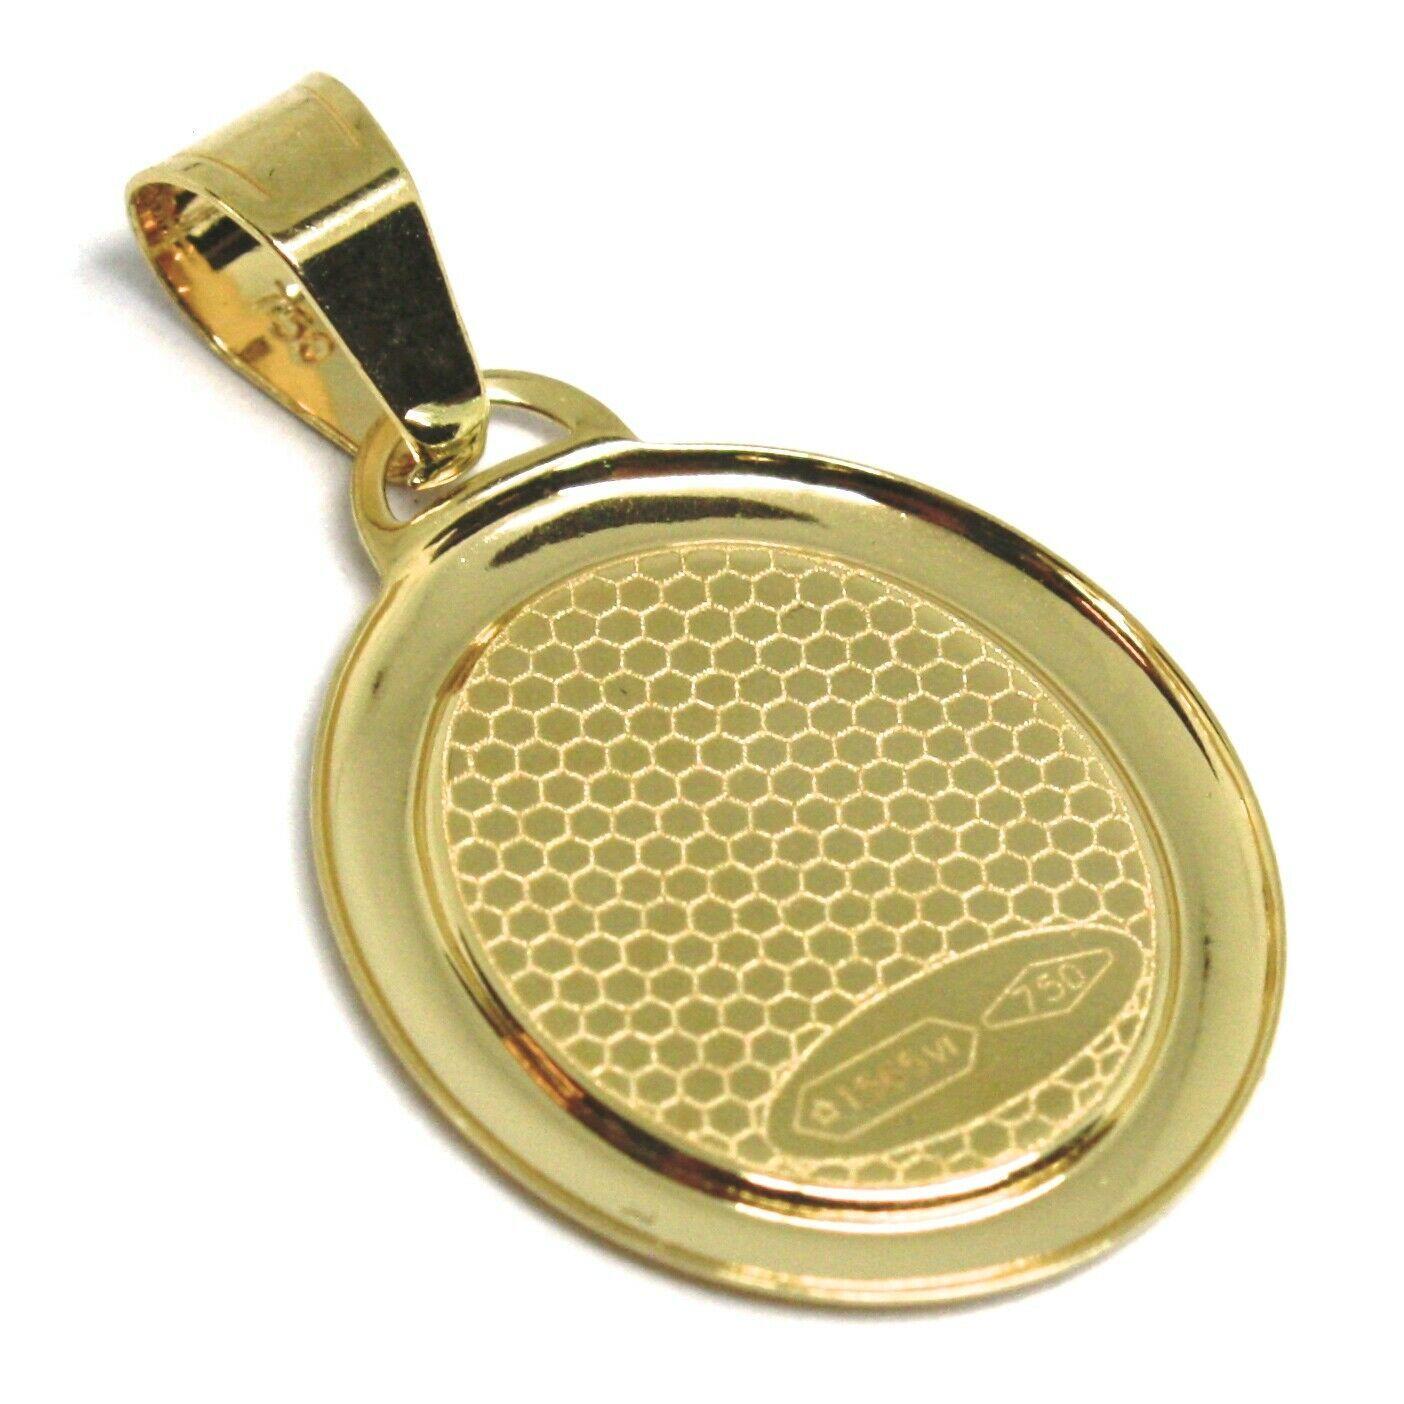 Colgante Medalla de Oro Amarillo 750 18Ct, Virgen de Fátima con Corona, Ovalados